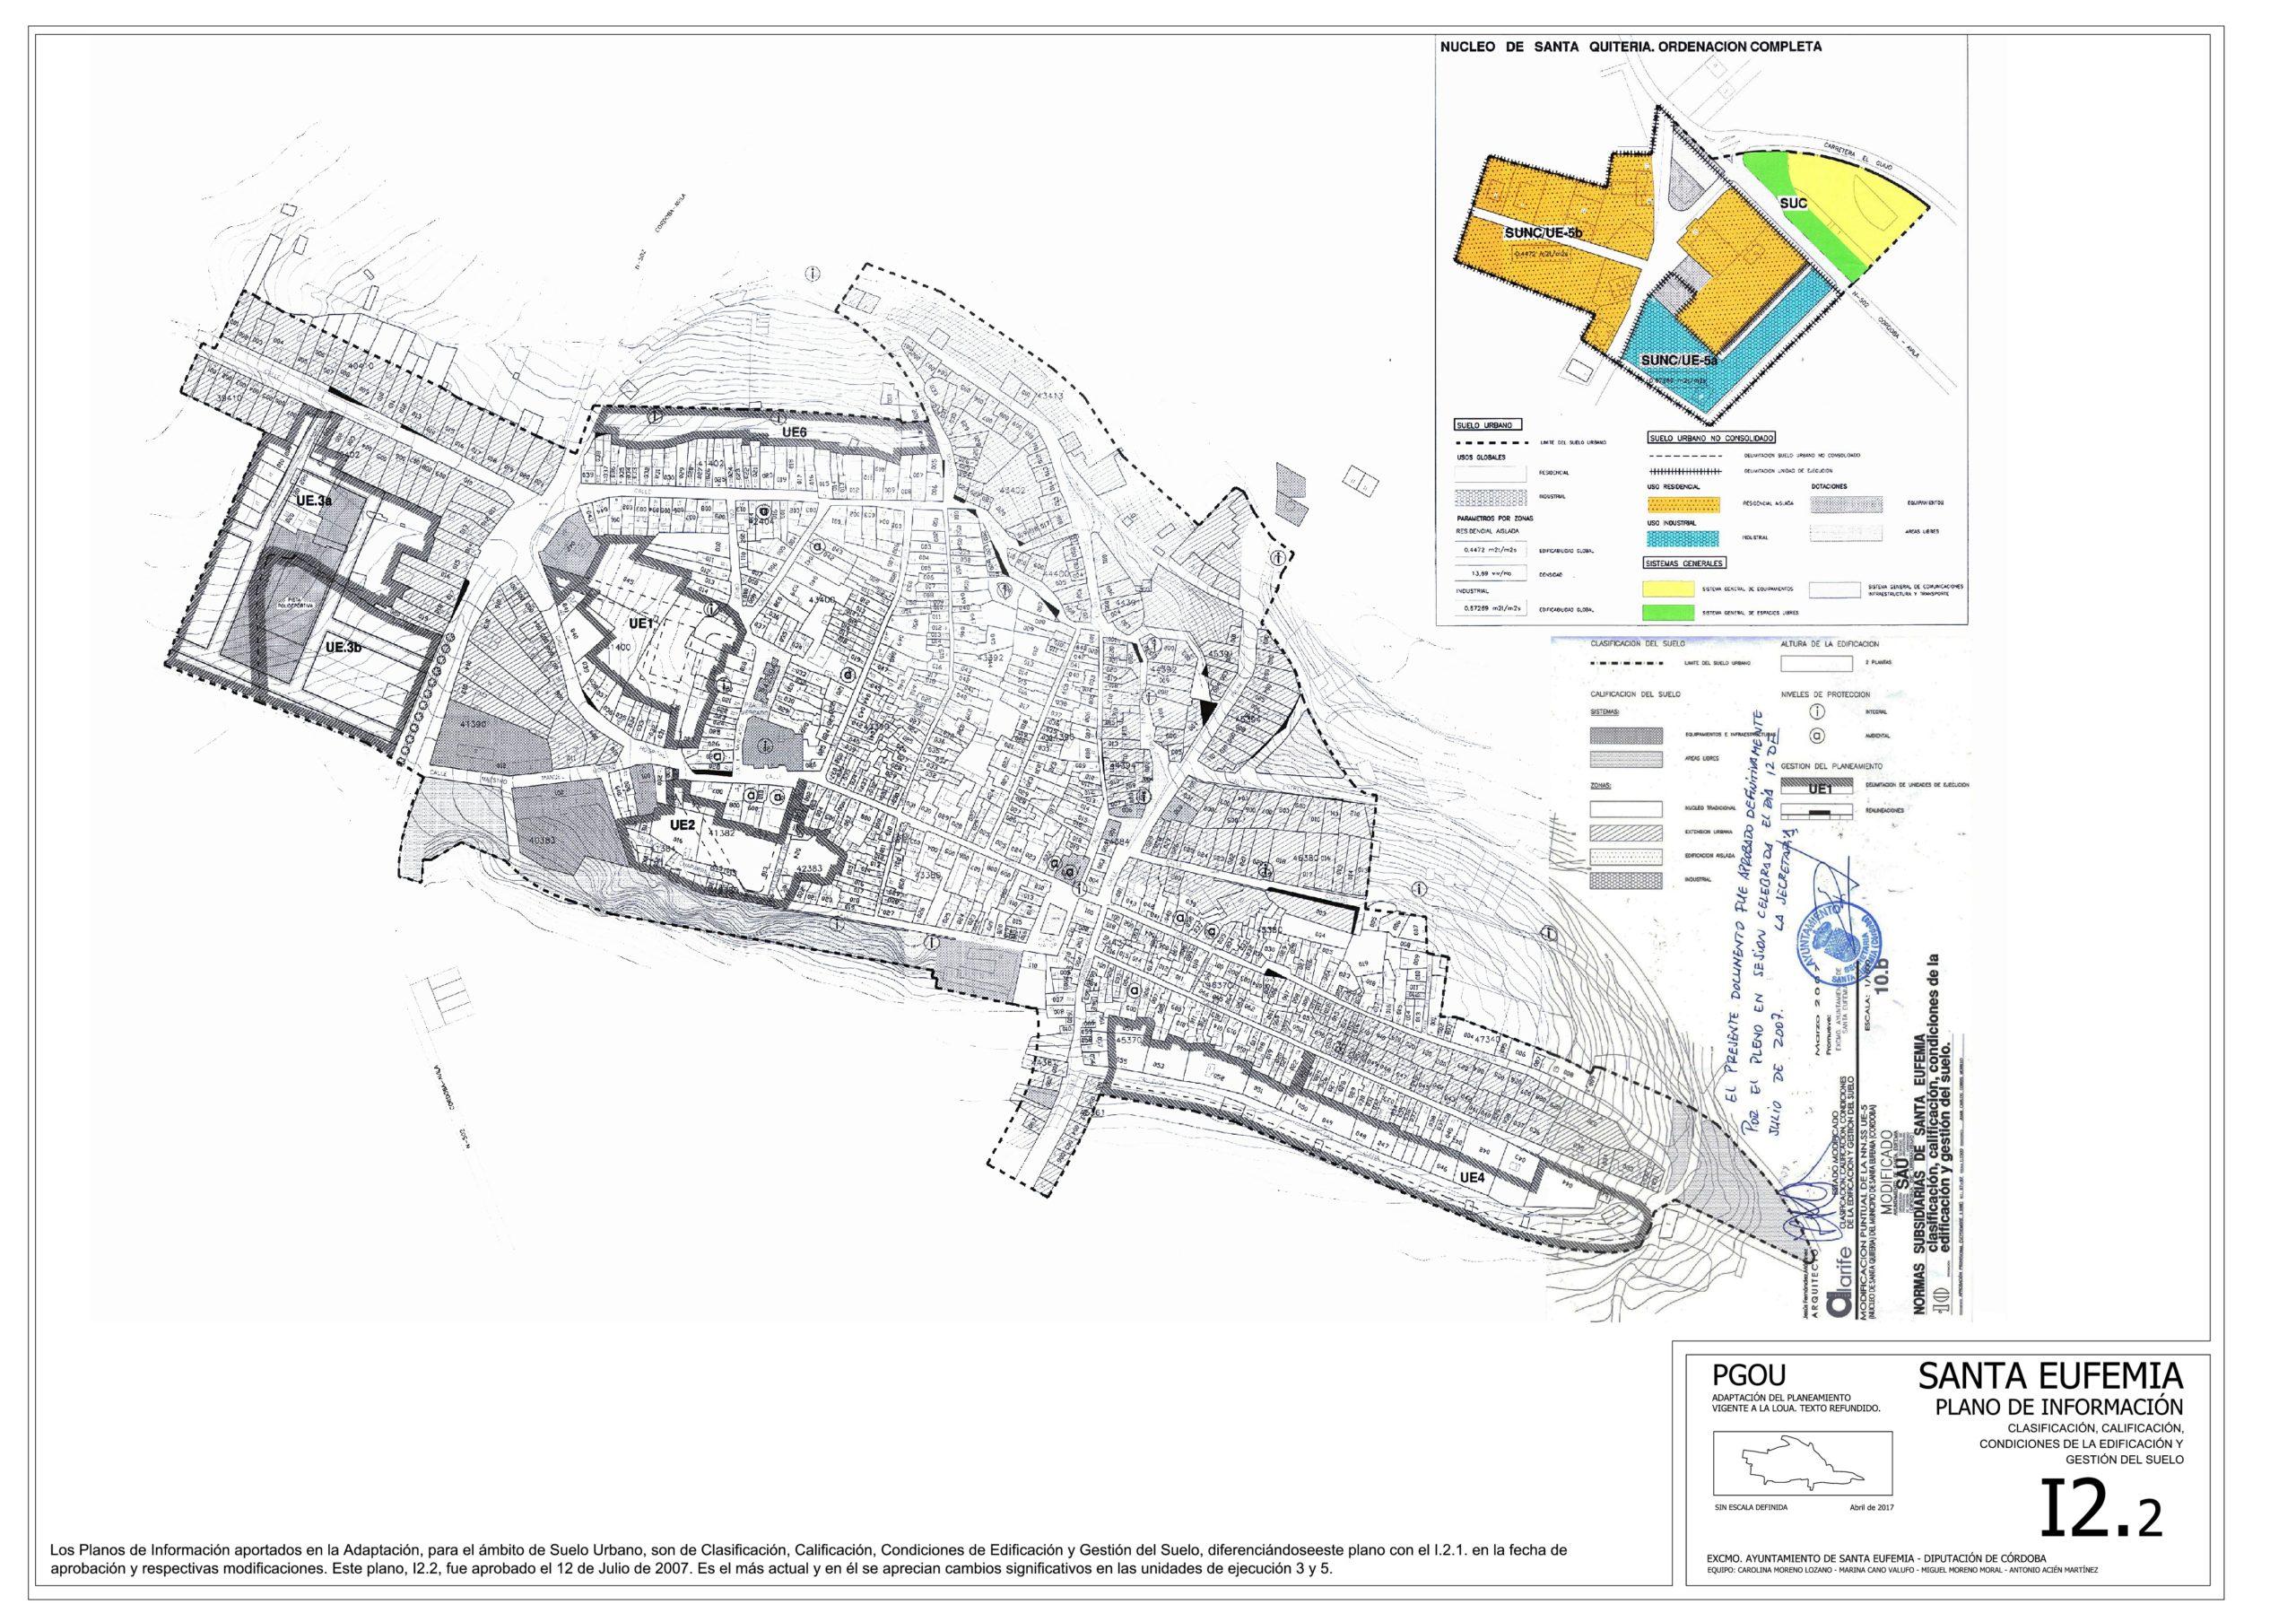 Transparencia en materias de urbanismo, obras públicas y medio ambiente 12